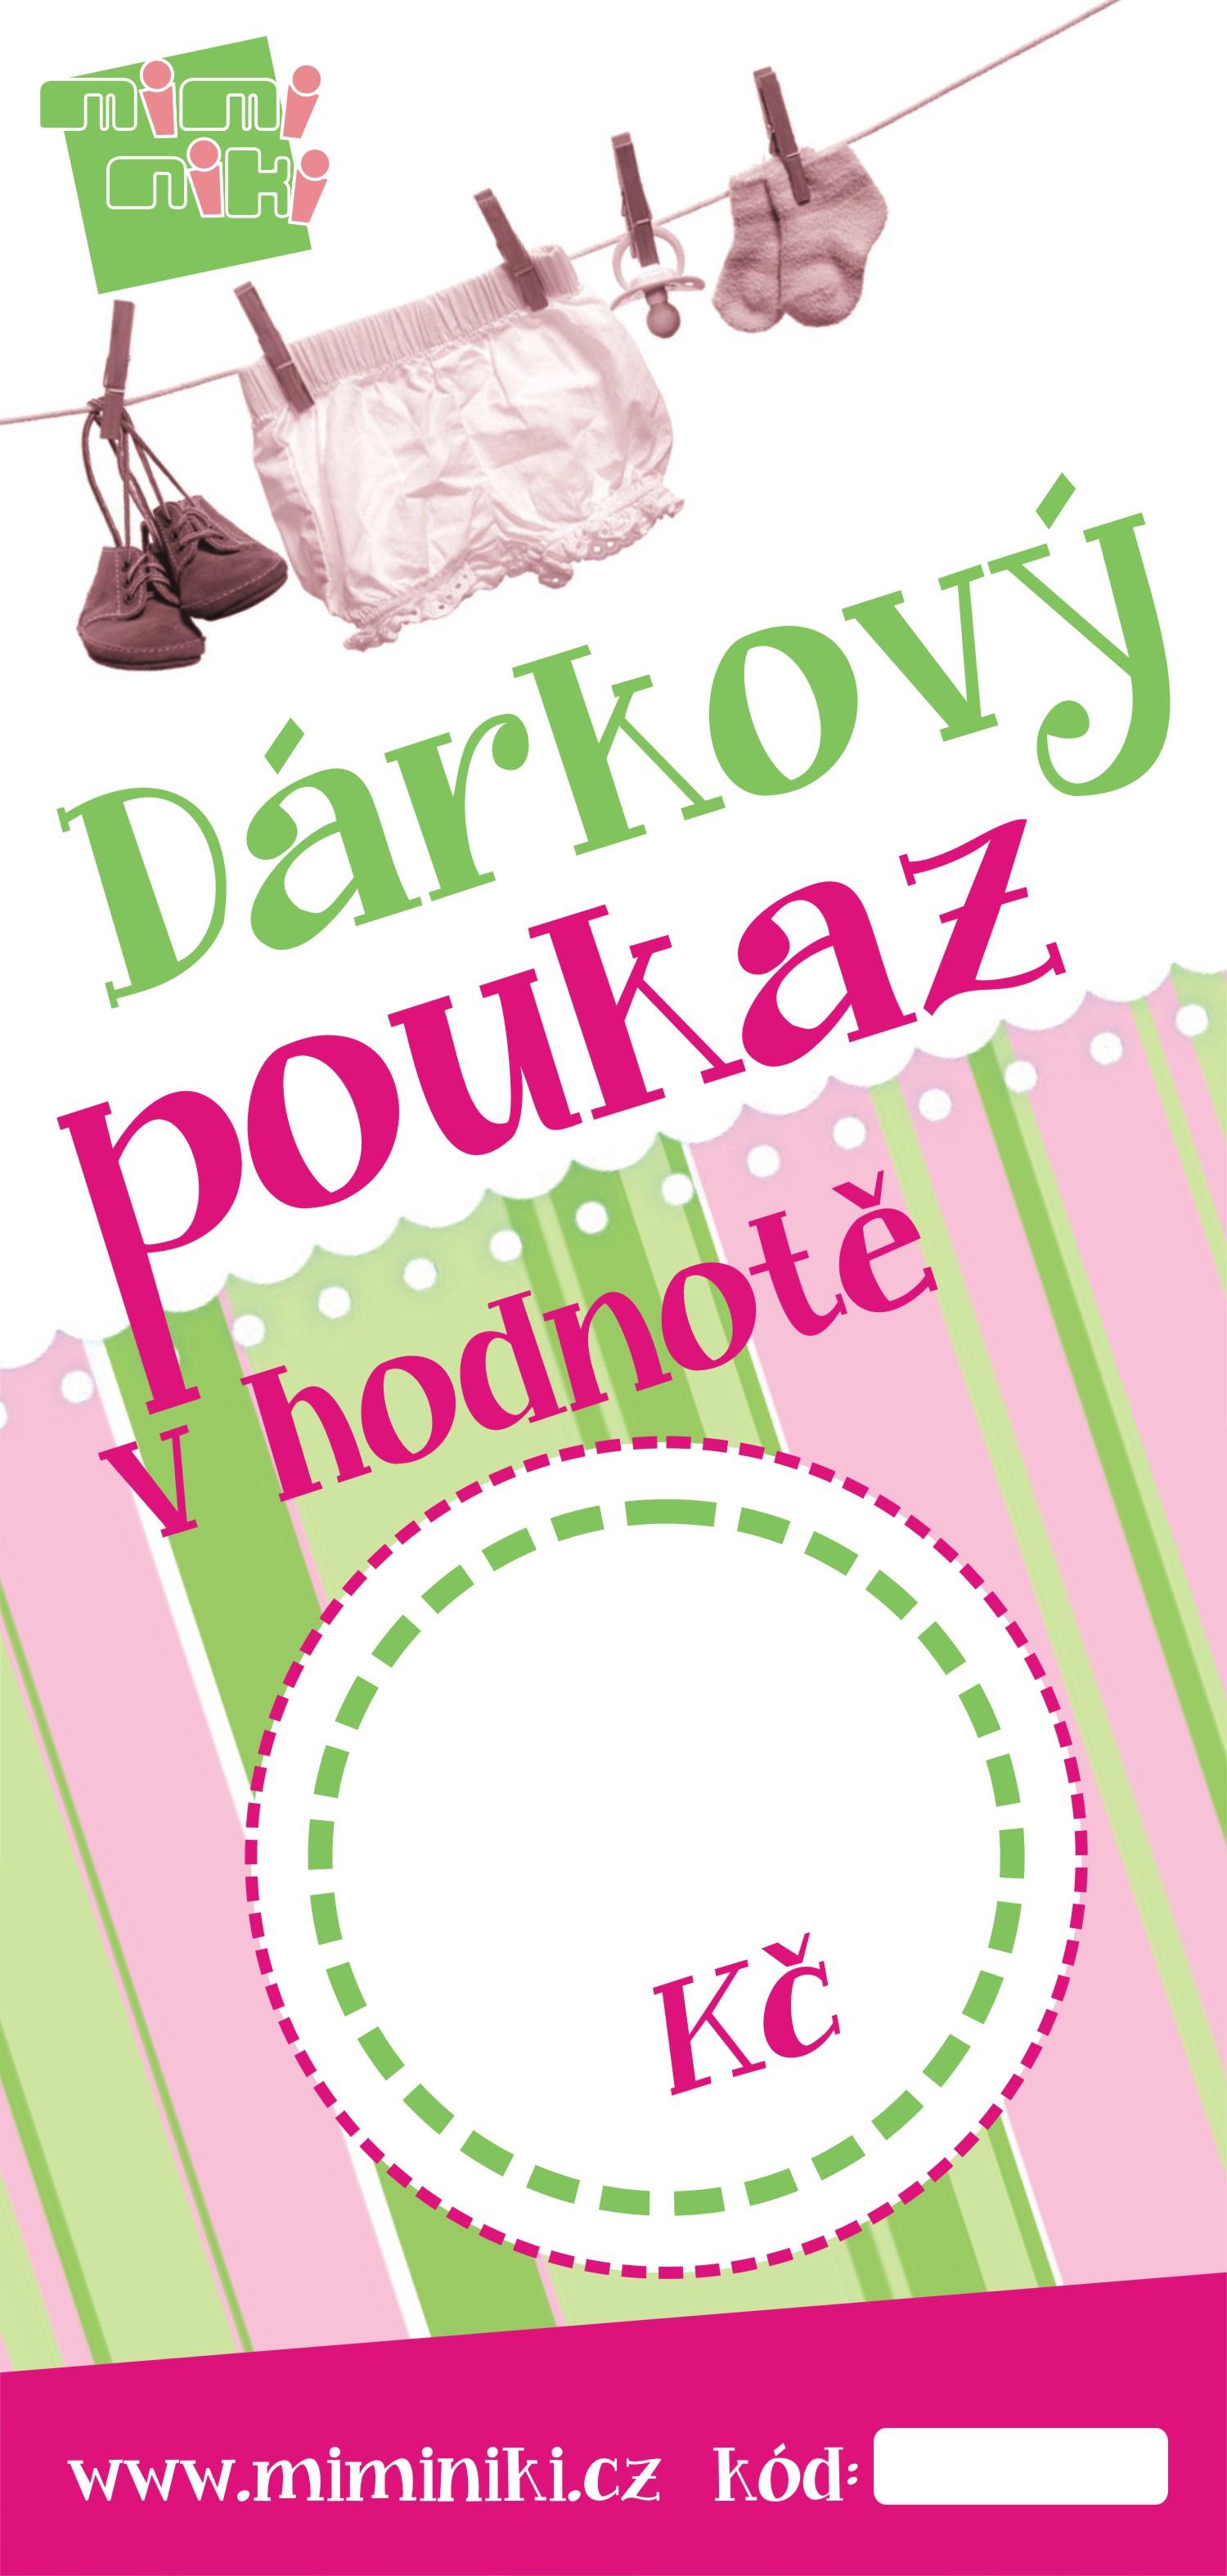 d1f5e6758fc Dárkový poukaz - MimiNiki.cz